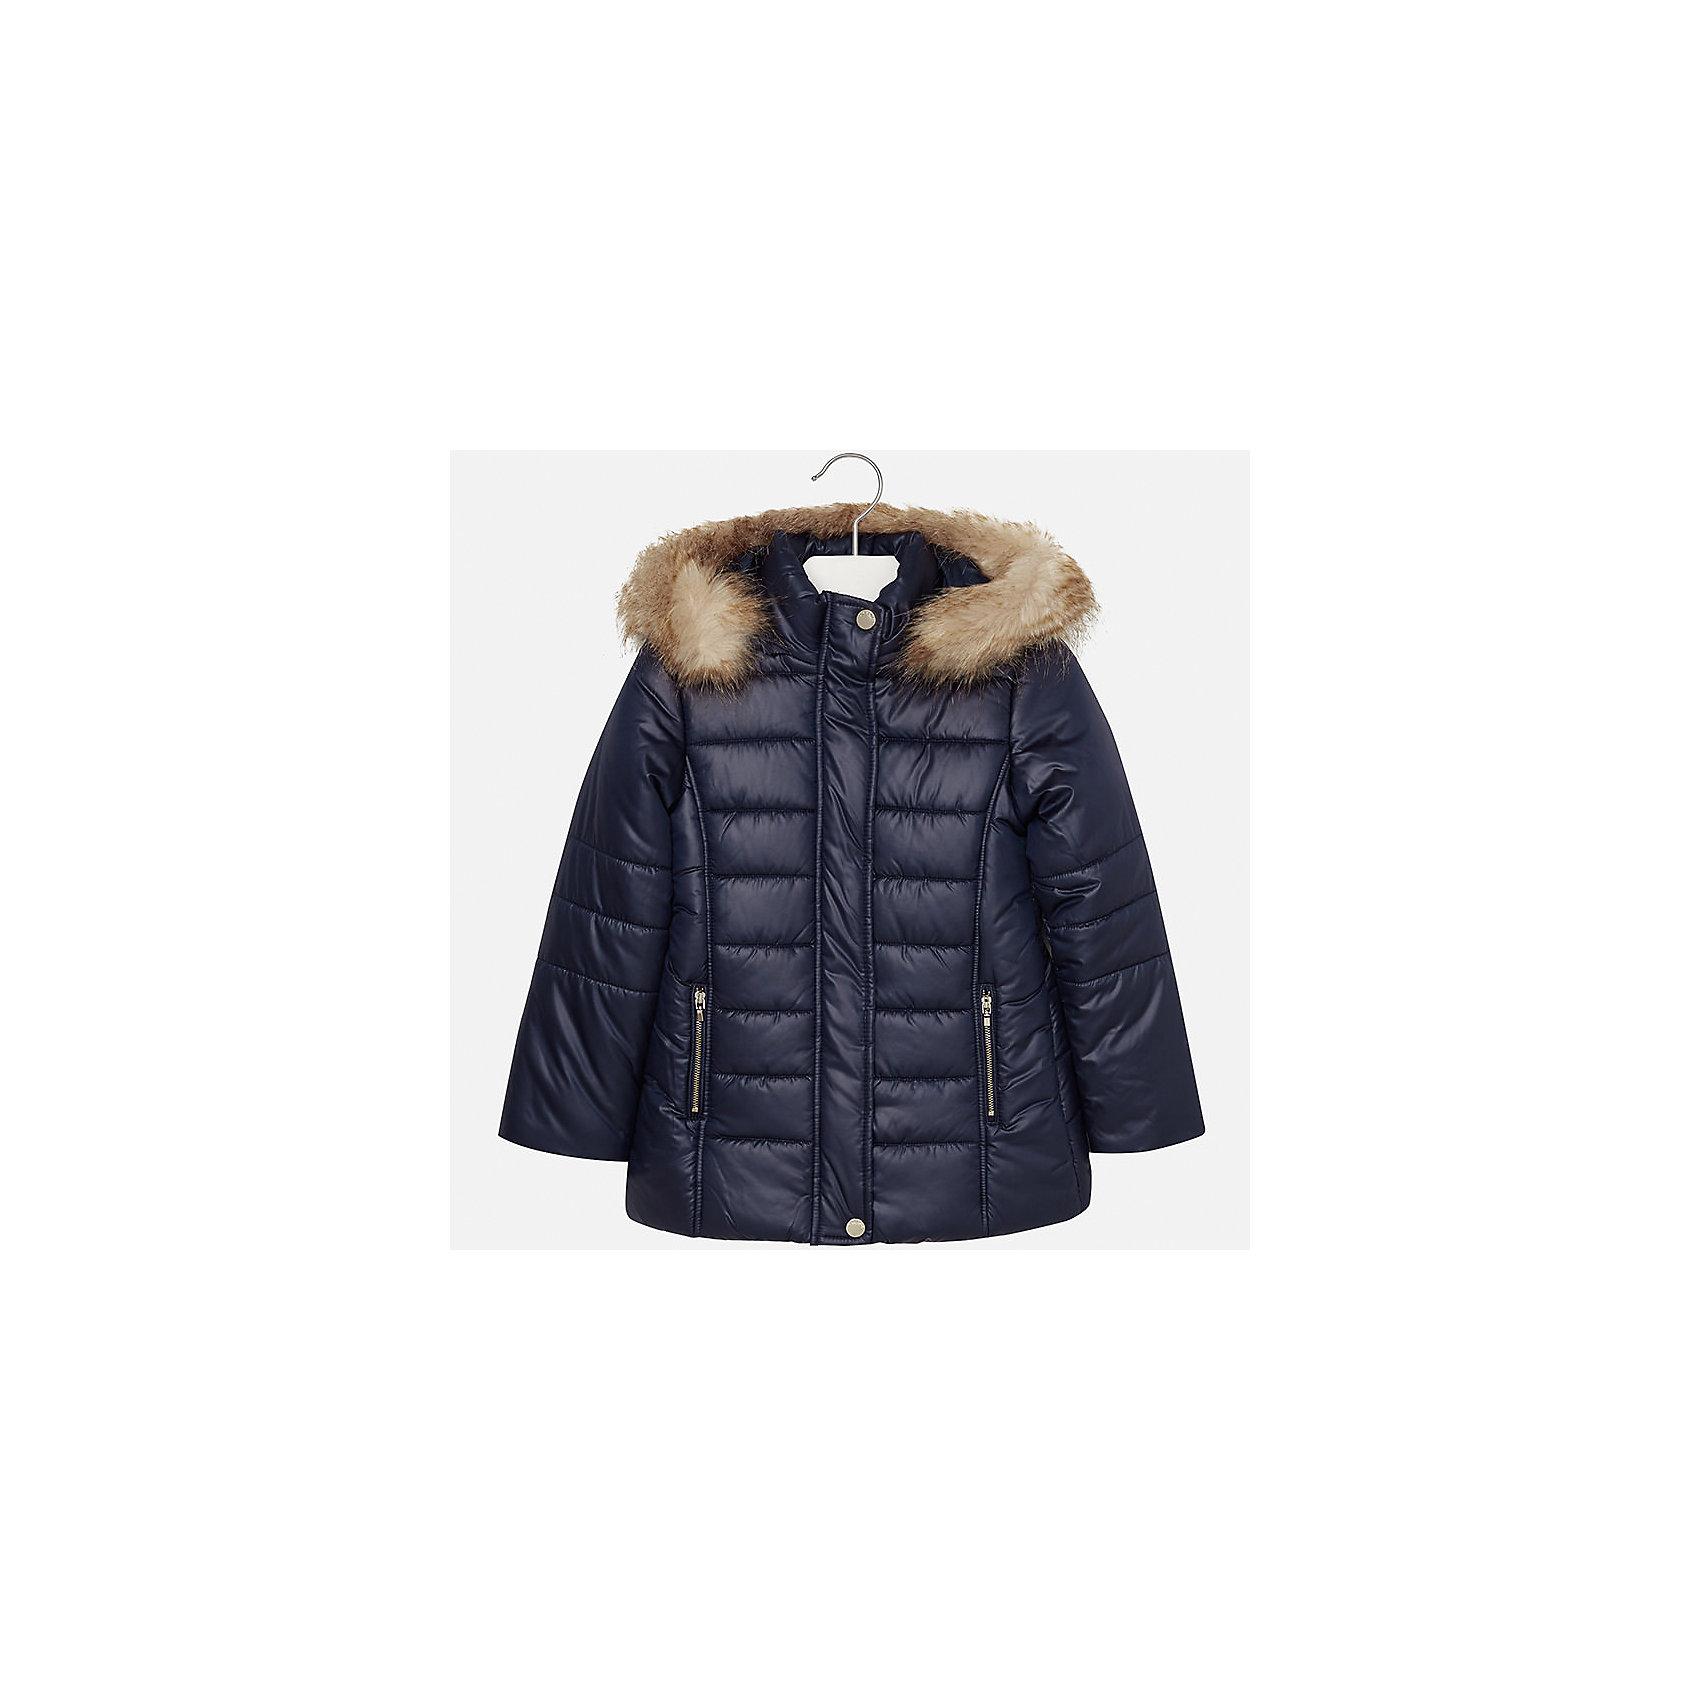 Куртка Mayoral для девочкиДемисезонные куртки<br>Характеристики товара:<br><br>• цвет: синий<br>• состав ткани: 100% полиэстер, подклад - 100% полиэстер, утеплитель - 100% полиэстер<br>• застежка: молния<br>• капюшон с опушкой<br>• сезон: зима<br>• температурный режим: от 0 до -10<br>• страна бренда: Испания<br>• страна изготовитель: Индия<br><br>Синяя стильная куртка с опушкой для девочки от Майорал поможет обеспечить тепло и комфорт. Эффектная детская куртка отличается удлиненным силуэтом и наличием капюшона. <br><br>Детская одежда от испанской компании Mayoral отличаются оригинальным и всегда стильным дизайном. Качество продукции неизменно очень высокое.<br><br>Куртку для девочки Mayoral (Майорал) можно купить в нашем интернет-магазине.<br><br>Ширина мм: 356<br>Глубина мм: 10<br>Высота мм: 245<br>Вес г: 519<br>Цвет: темно-синий<br>Возраст от месяцев: 168<br>Возраст до месяцев: 180<br>Пол: Женский<br>Возраст: Детский<br>Размер: 170,128/134,140,152,158,164<br>SKU: 6922080